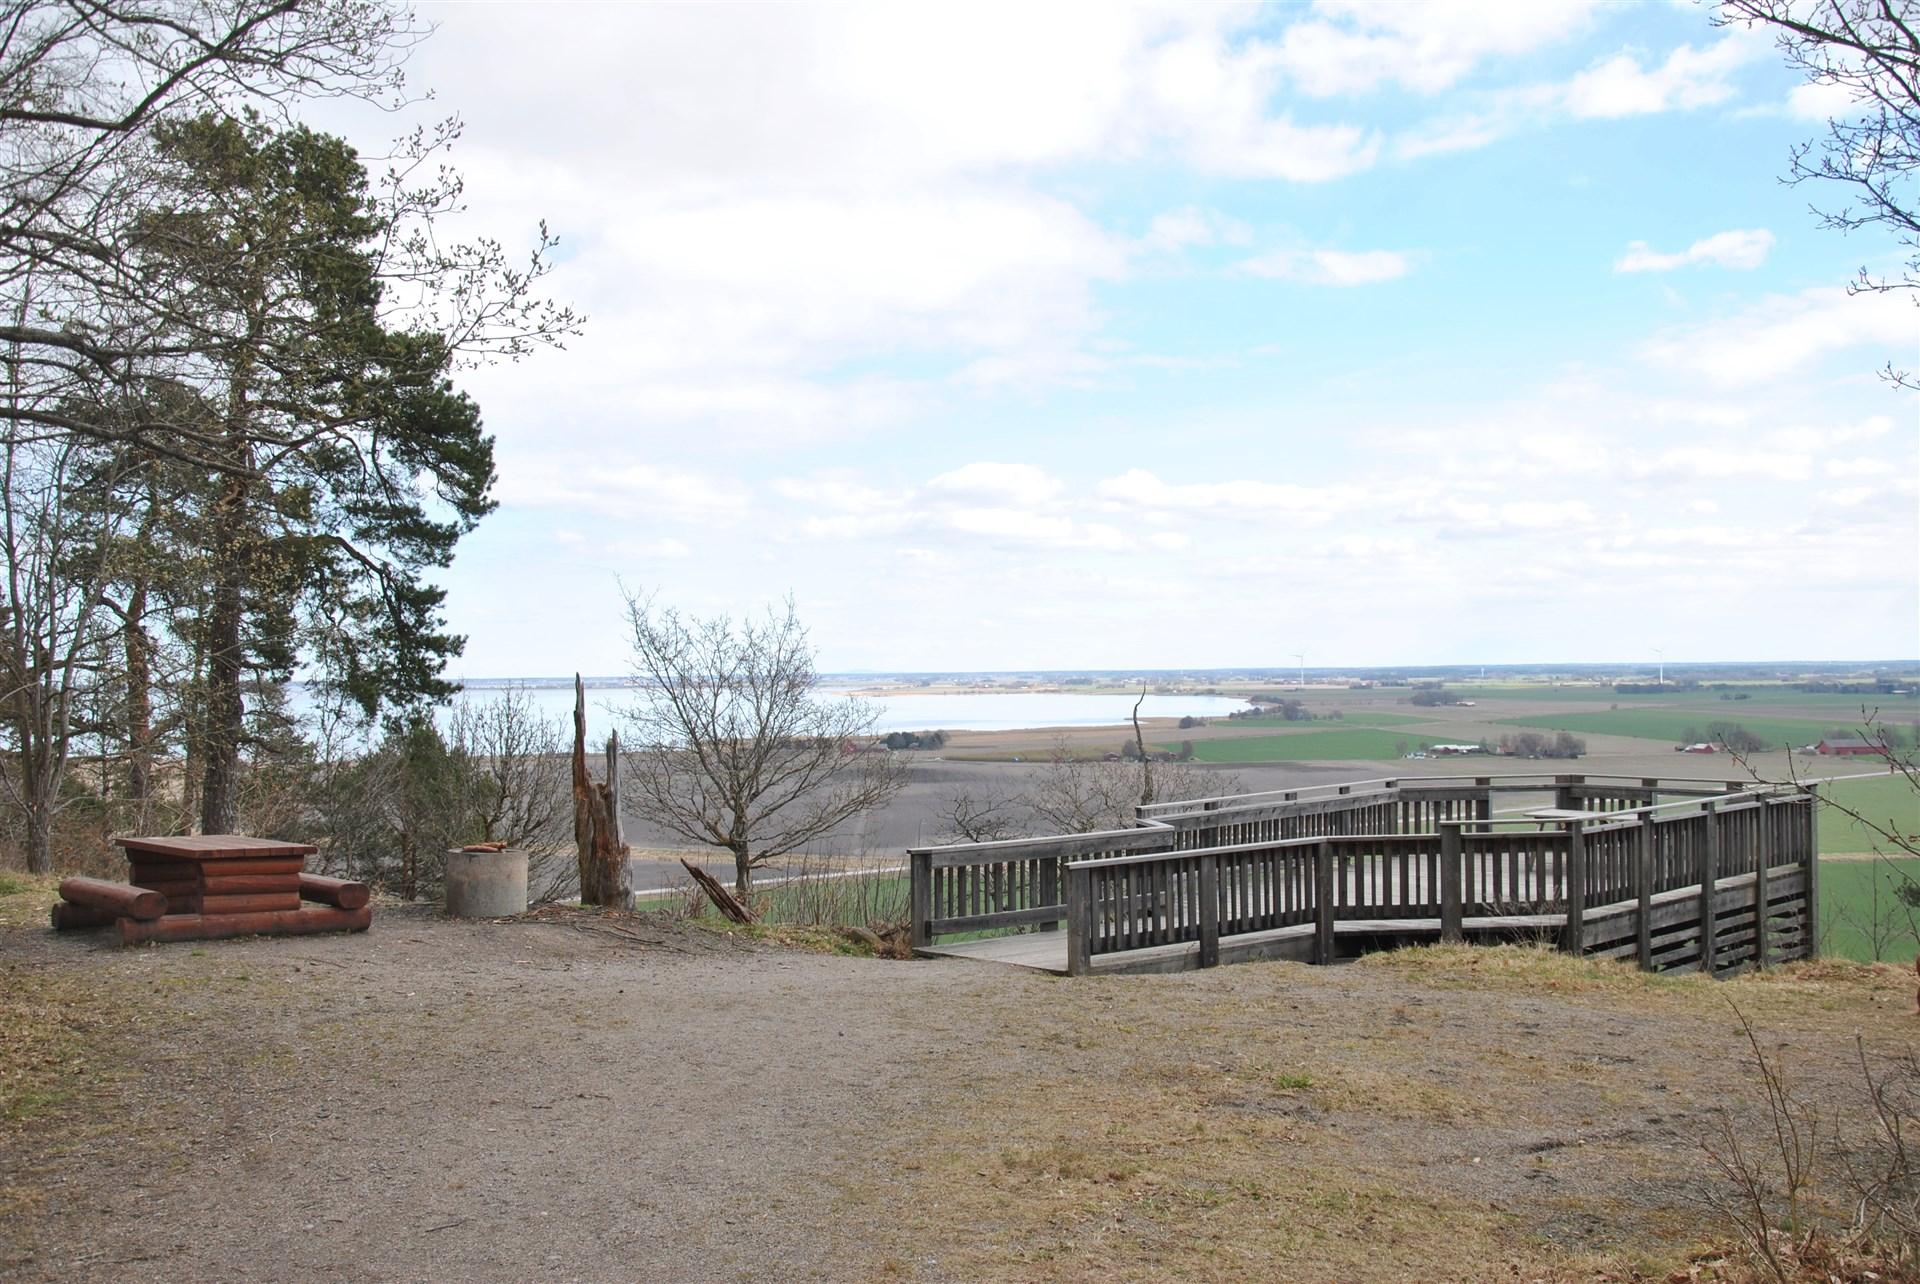 Ca 1 km från fastigheten finns denna utsiktsplats som erbjuder en vidunderlig utsikt över närområdet